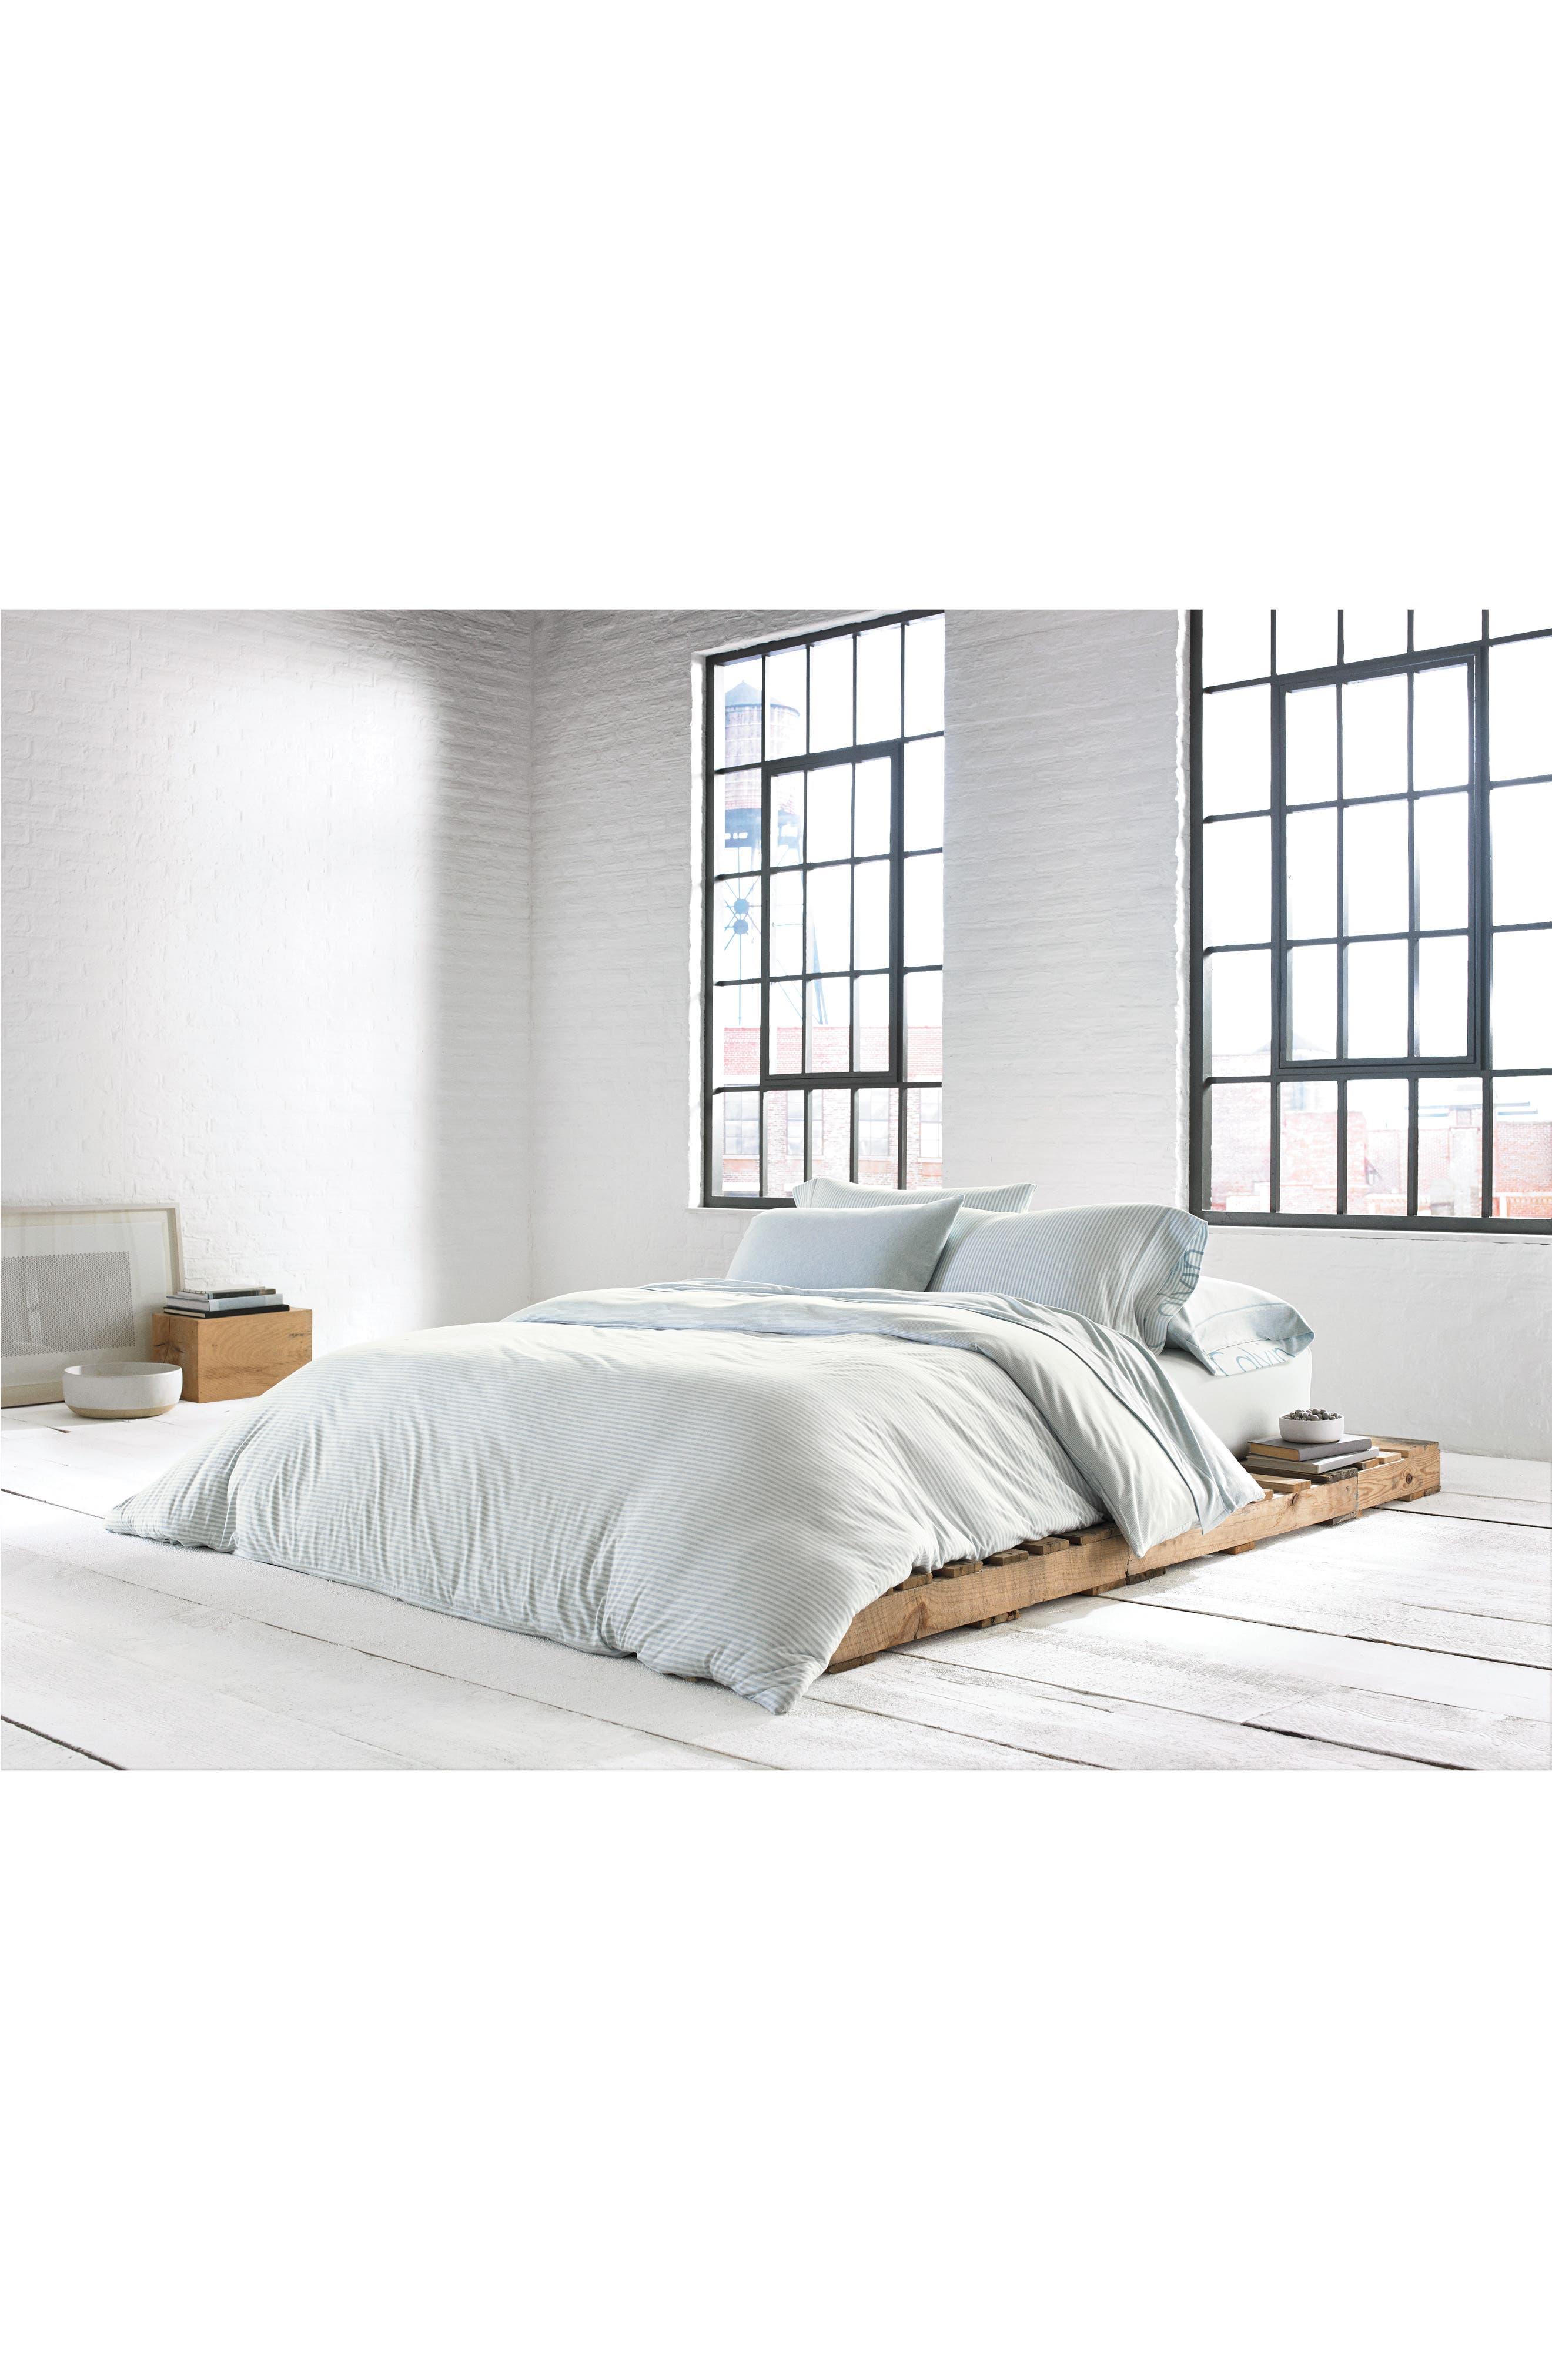 Calvin Klein Pulse Bedding Collection